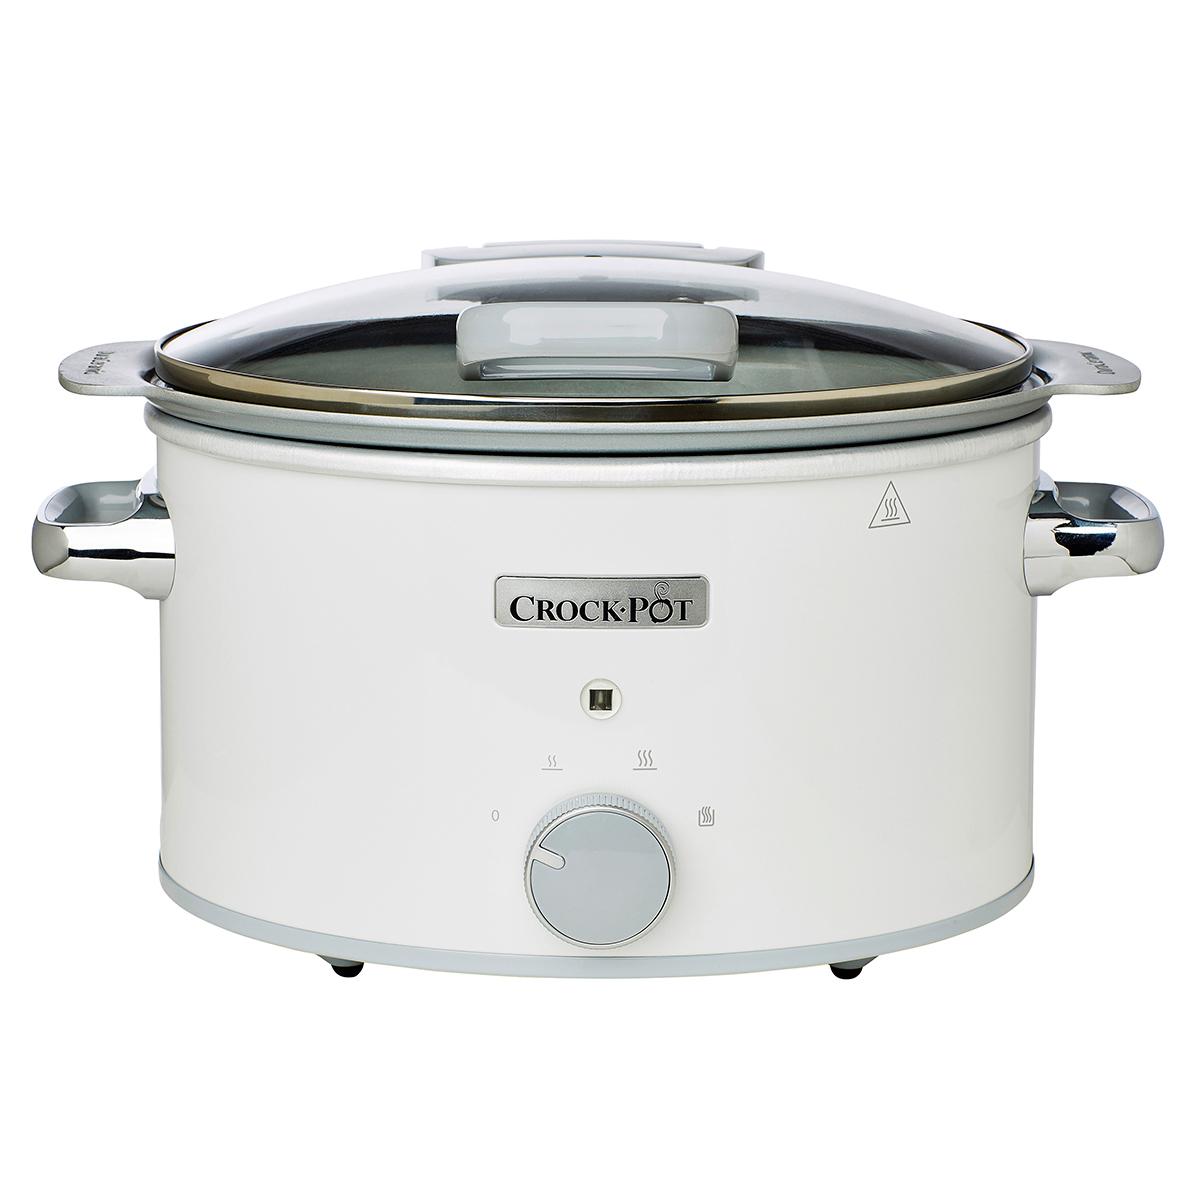 Crockpot slow cooker - 4,5 liter